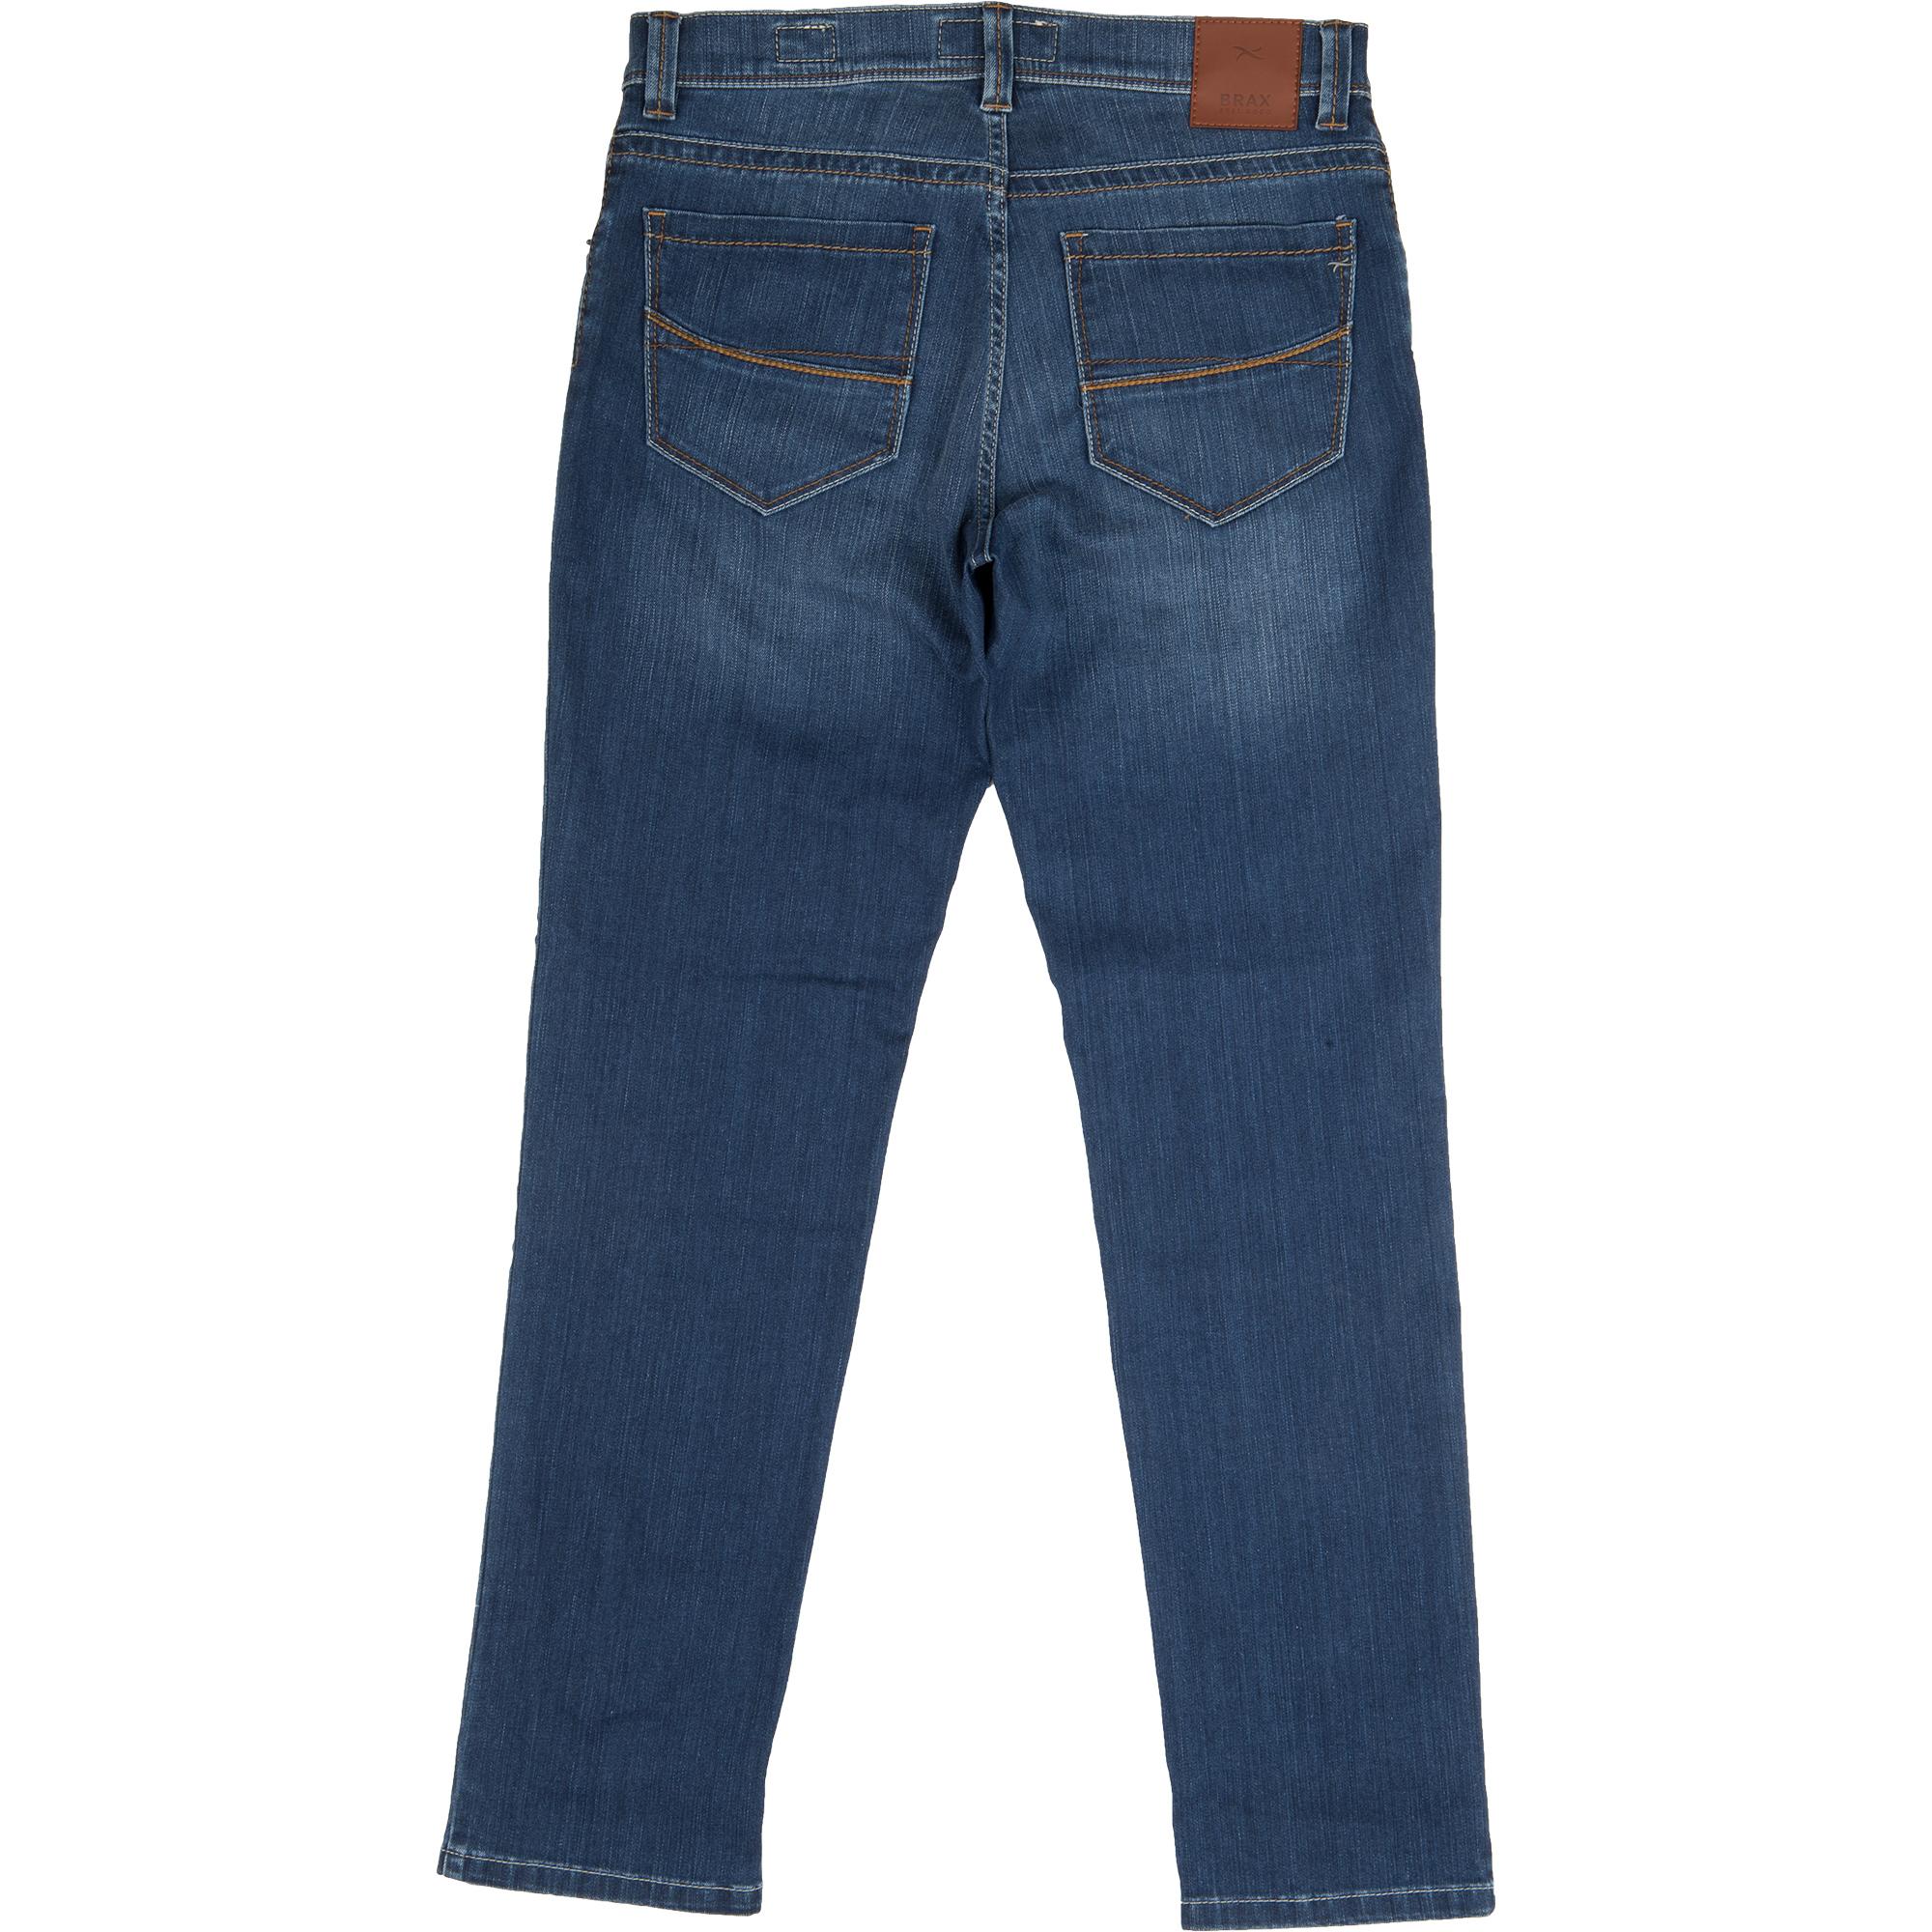 brax herren jeanshose cadiz regular fit regular blue used. Black Bedroom Furniture Sets. Home Design Ideas